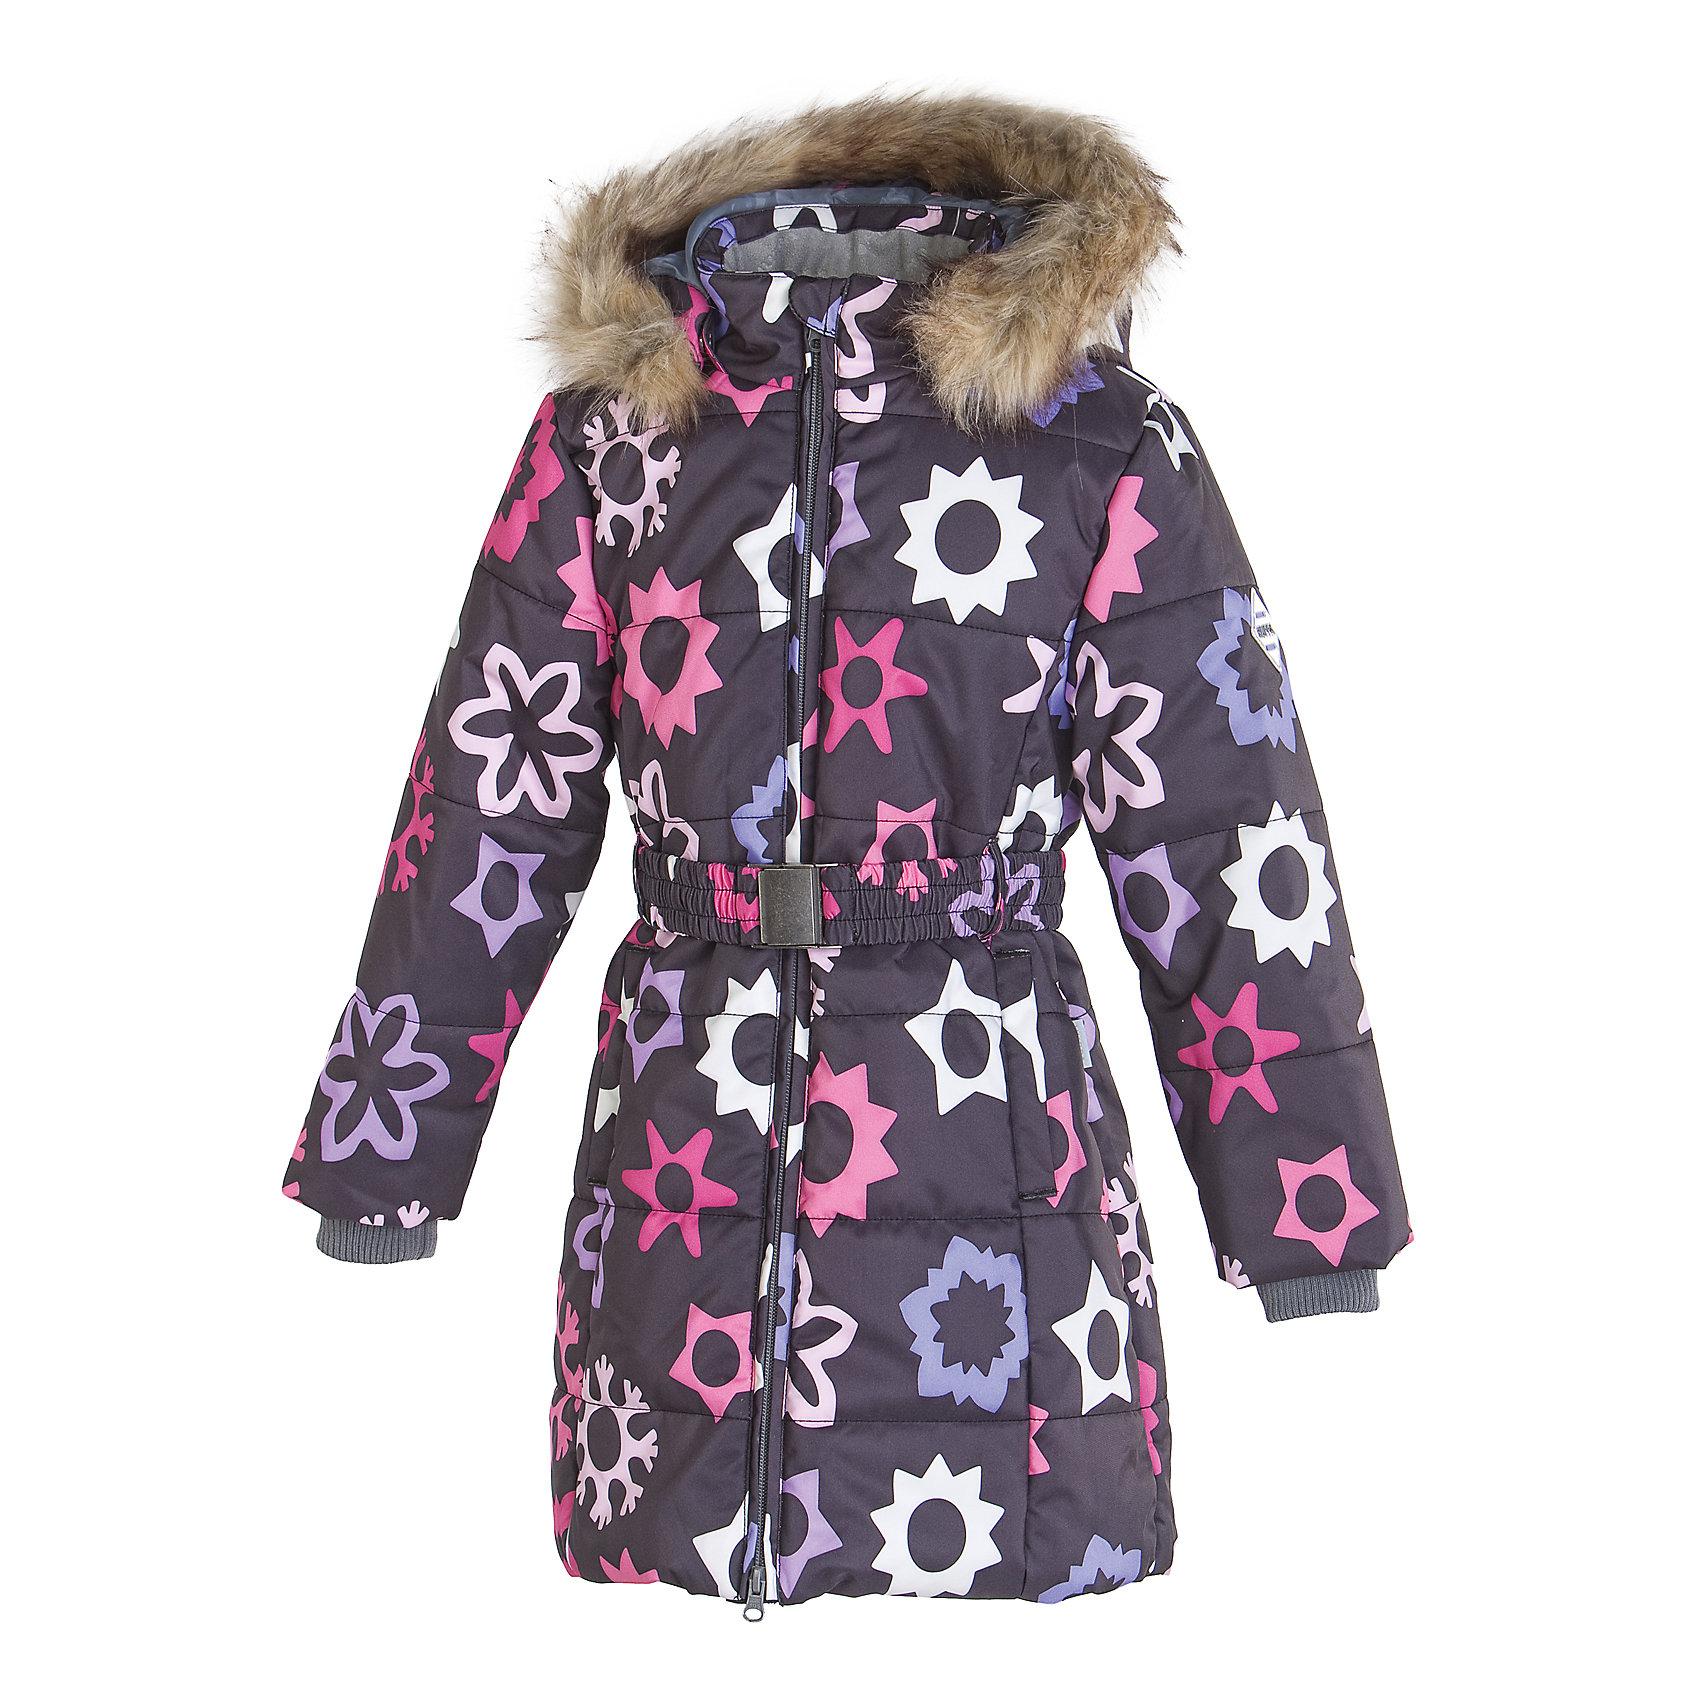 Пальто для девочки HuppaКлассическое зимнее пальто для девочек с более толстым ватином. У пальто приятная подкладка из тафты и отлично подходящая для нашего климата дышащая и водоотталкивающая ткань. Ношение делают более удобным съемный капюшон с мехом, рукава с резинкой и регулируемый ремень на резинке с пряжкой. Светоотражающие детали на разрезах повышают безопасность при передвижении в темное время.<br><br>Дополнительная информация:<br><br>Температурный режим: от -10 до -25<br>HuppaTherm 300 грамм<br>Высокотехнологичный лёгкий синтетический утеплитель нового поколения, сохраняет объём и высокую теплоизоляцию изделия, а также легко стирается и быстро сохнет.<br>Влагоустойчивая и дышащая ткань 10 000/ 10 000<br>Мембрана препятствует прохождению воды и ветра сквозь ткань внутрь изделия, позволяя испаряться выделяемой телом, образовывающейся внутри влаге.<br>Проклеенные швы<br>Для максимальной влагонепроницаемости изделия, важнейшие швы проклеены водостойкой лентой.<br>Прочная ткань<br>Сплетения волокон в тканях выполнены по специальной технологии, которая придаёт ткани прочность и предохранят от истирания.<br>Ткань: 100% полиэстер<br>Подкладка: тафта- 100% полиэстер<br>Утеплитель: 100% полиэстер - 300г.<br><br>Пальто для девочки Huppa можно купить в нашем магазине.<br><br>Ширина мм: 356<br>Глубина мм: 10<br>Высота мм: 245<br>Вес г: 519<br>Цвет: серый<br>Возраст от месяцев: 36<br>Возраст до месяцев: 48<br>Пол: Женский<br>Возраст: Детский<br>Размер: 104,140,110,128,158,152,146,122,134,116<br>SKU: 4201427